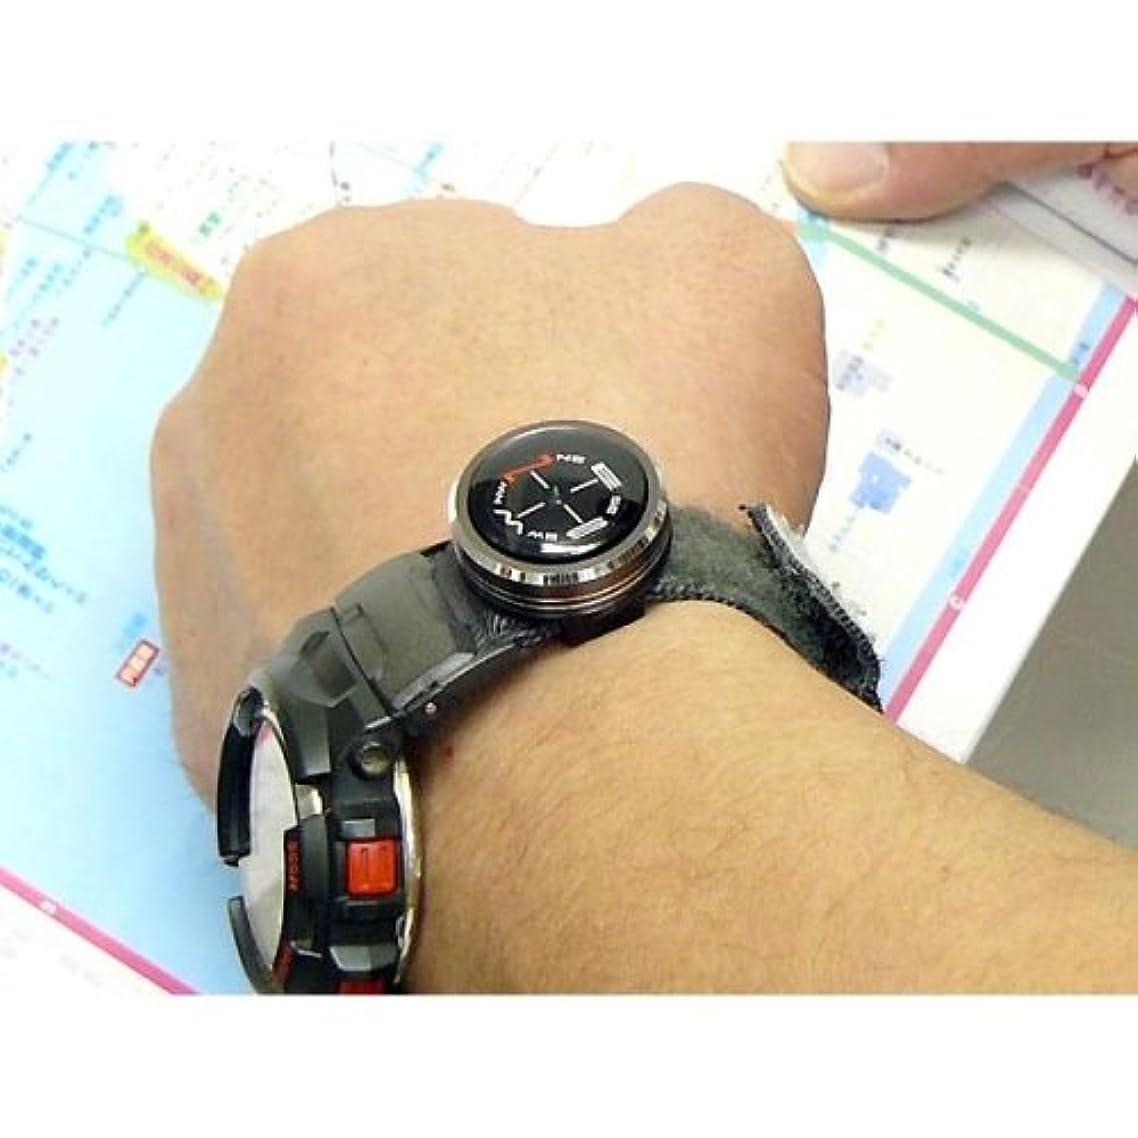 ビルマ花弁無人10気圧防水?アルミボディのリストコンパス G-800メタリックグレー (CK-G800)